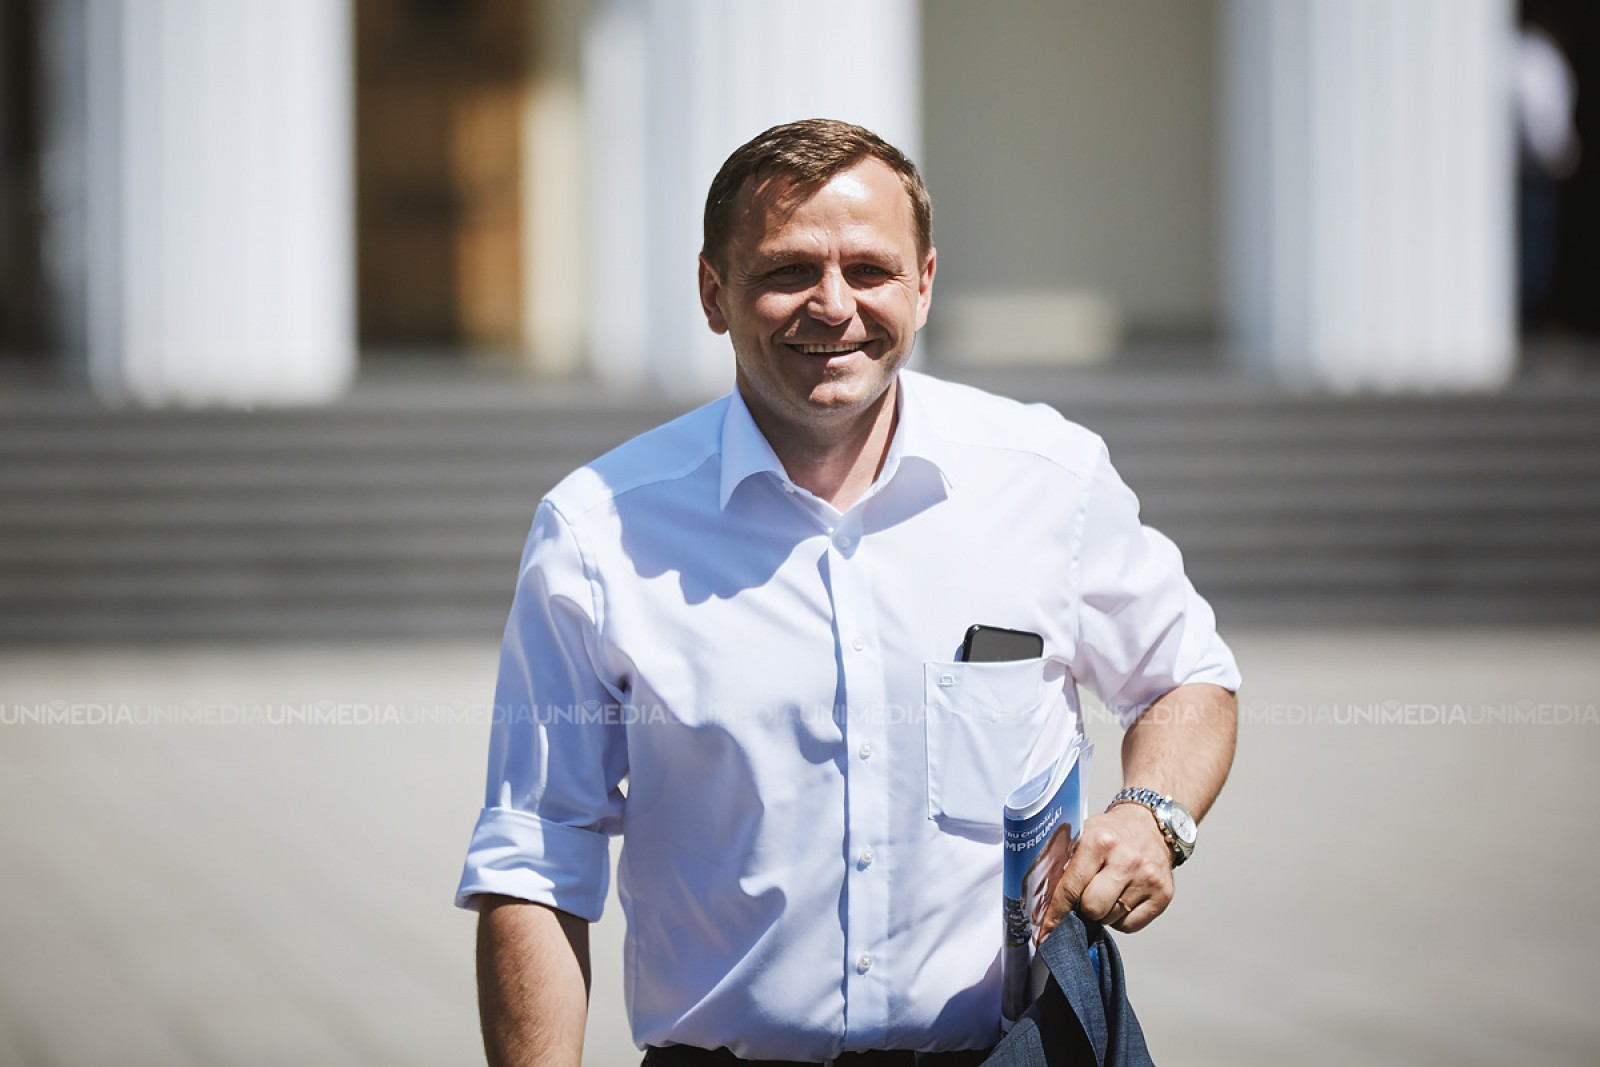 Apelul lui Andrei Năstase: Haideți la vot! Se pregătește marea fraudă și marea dezinformare!